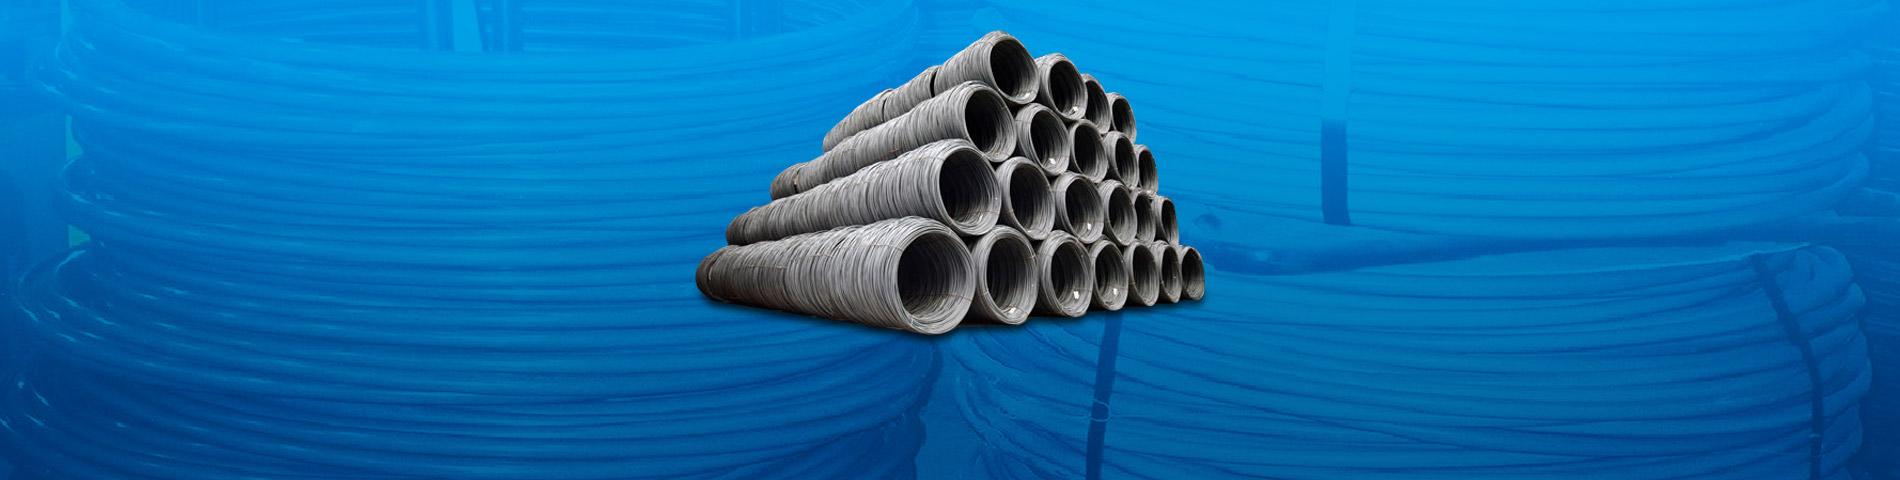 高品質冷鍛線材供應商 您業務合作夥伴的最佳選擇